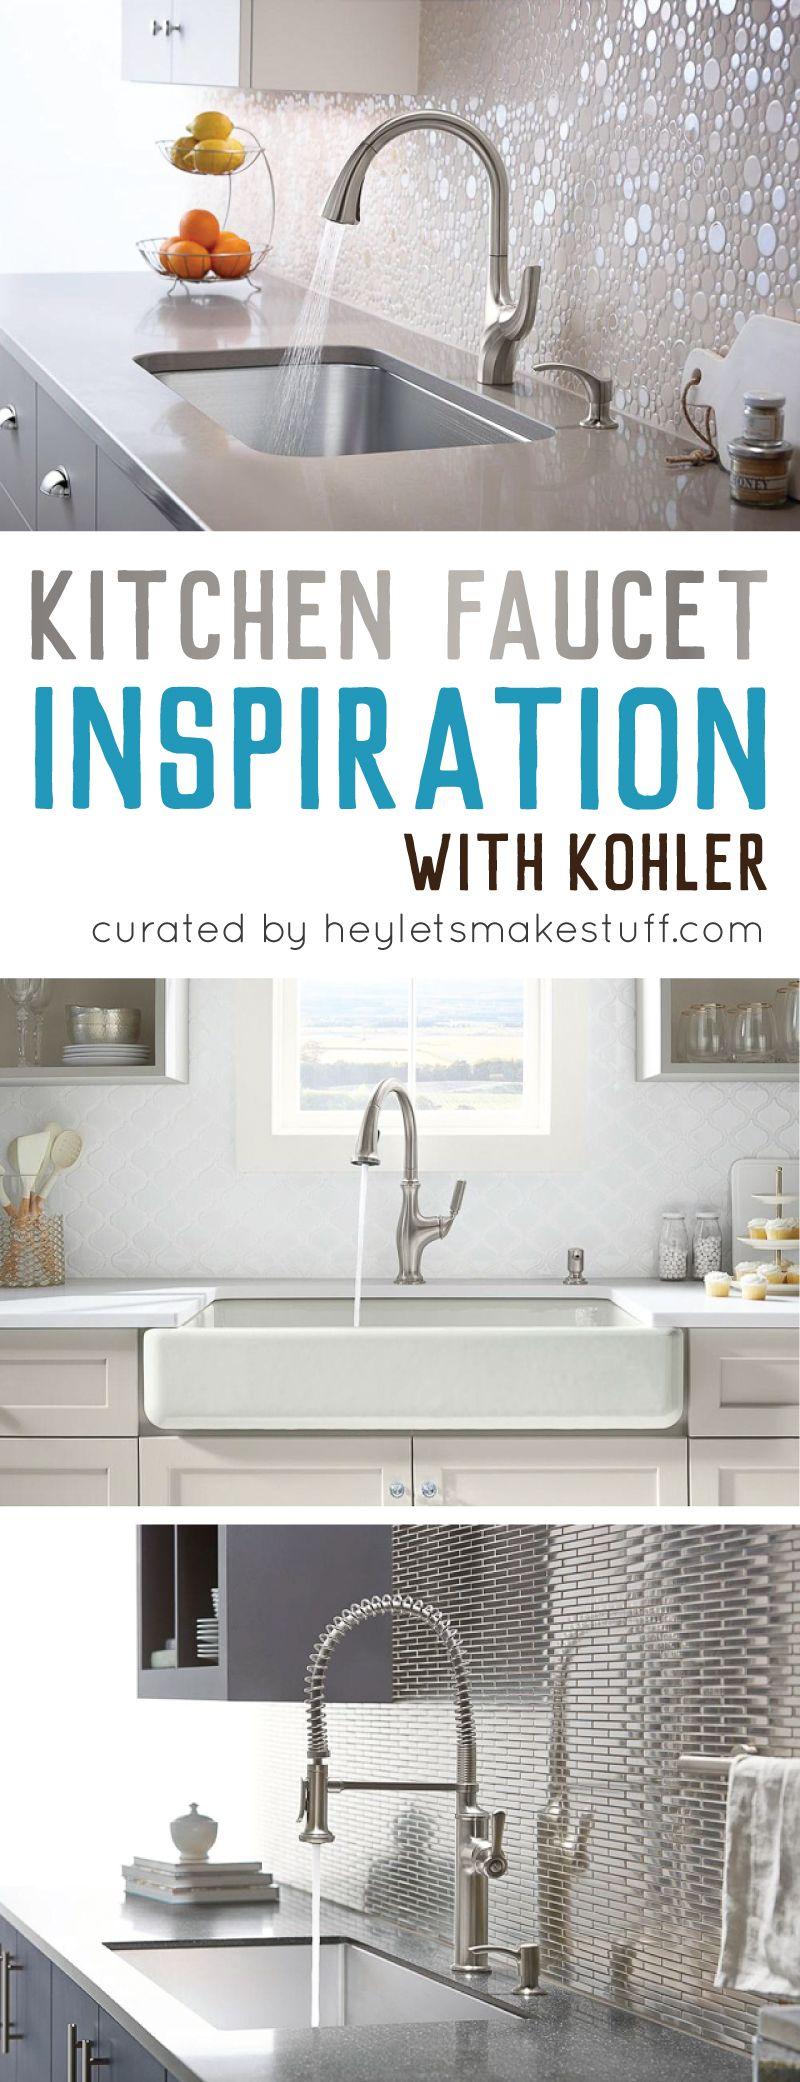 Kitchen Faucet Inspiration Kitchen Faucet Faucet Inspiration Black Kitchen Faucets